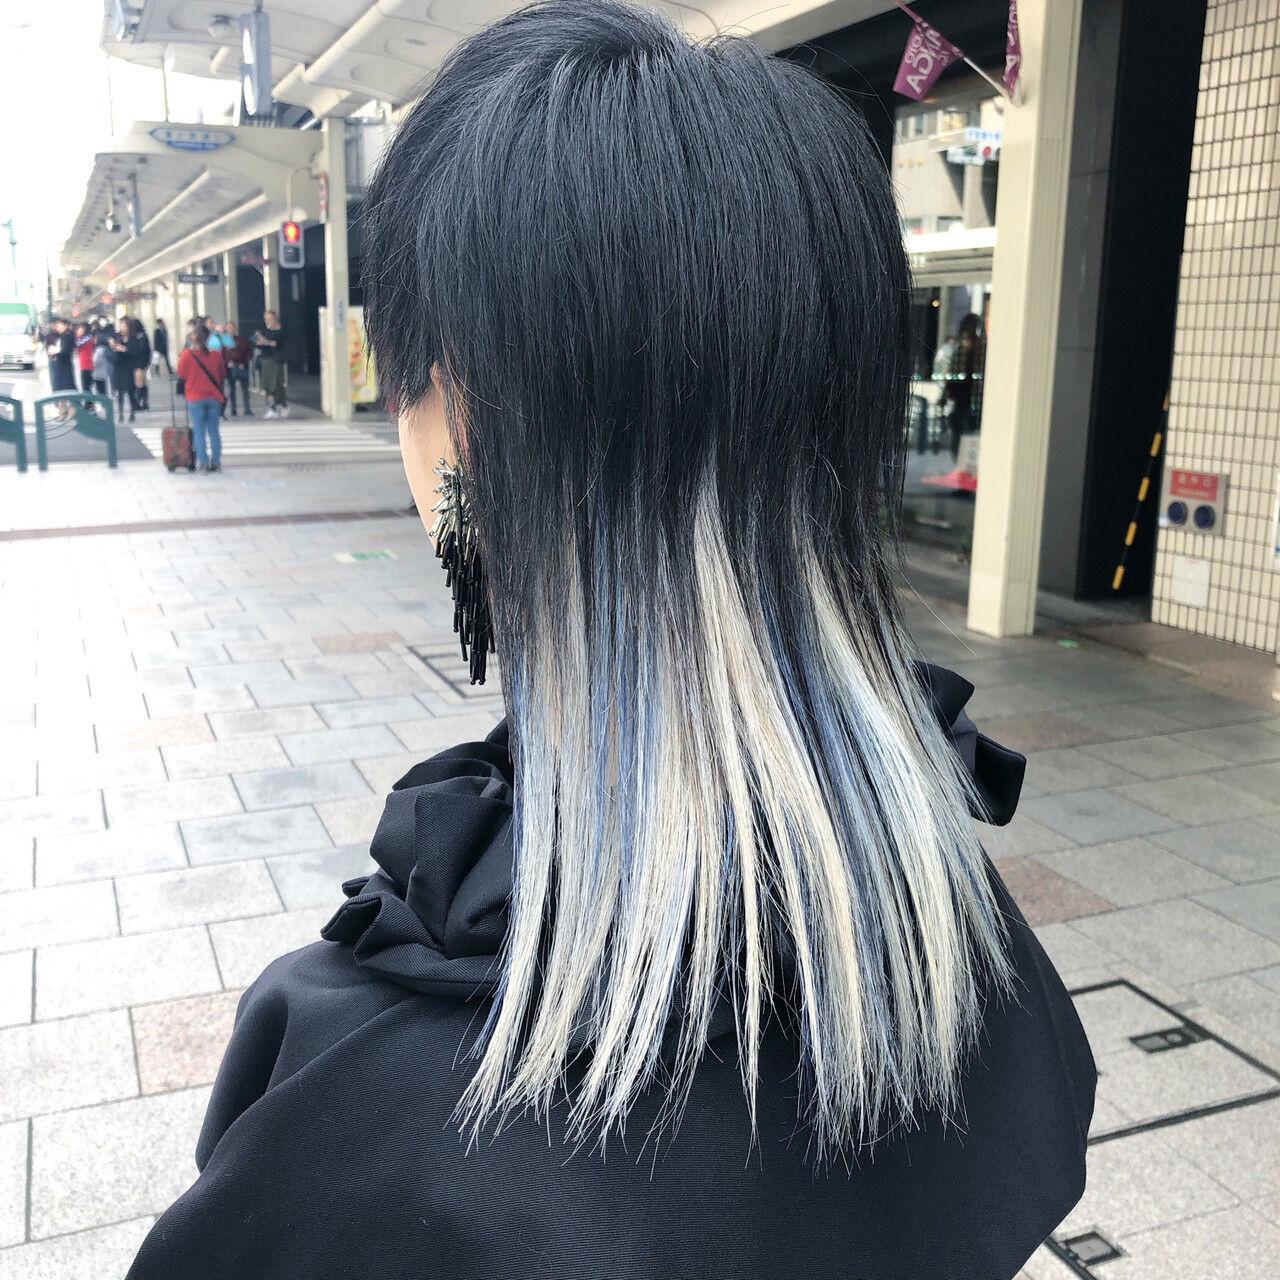 セミロング ブリーチ ブリーチオンカラー モードヘアスタイルや髪型の写真・画像